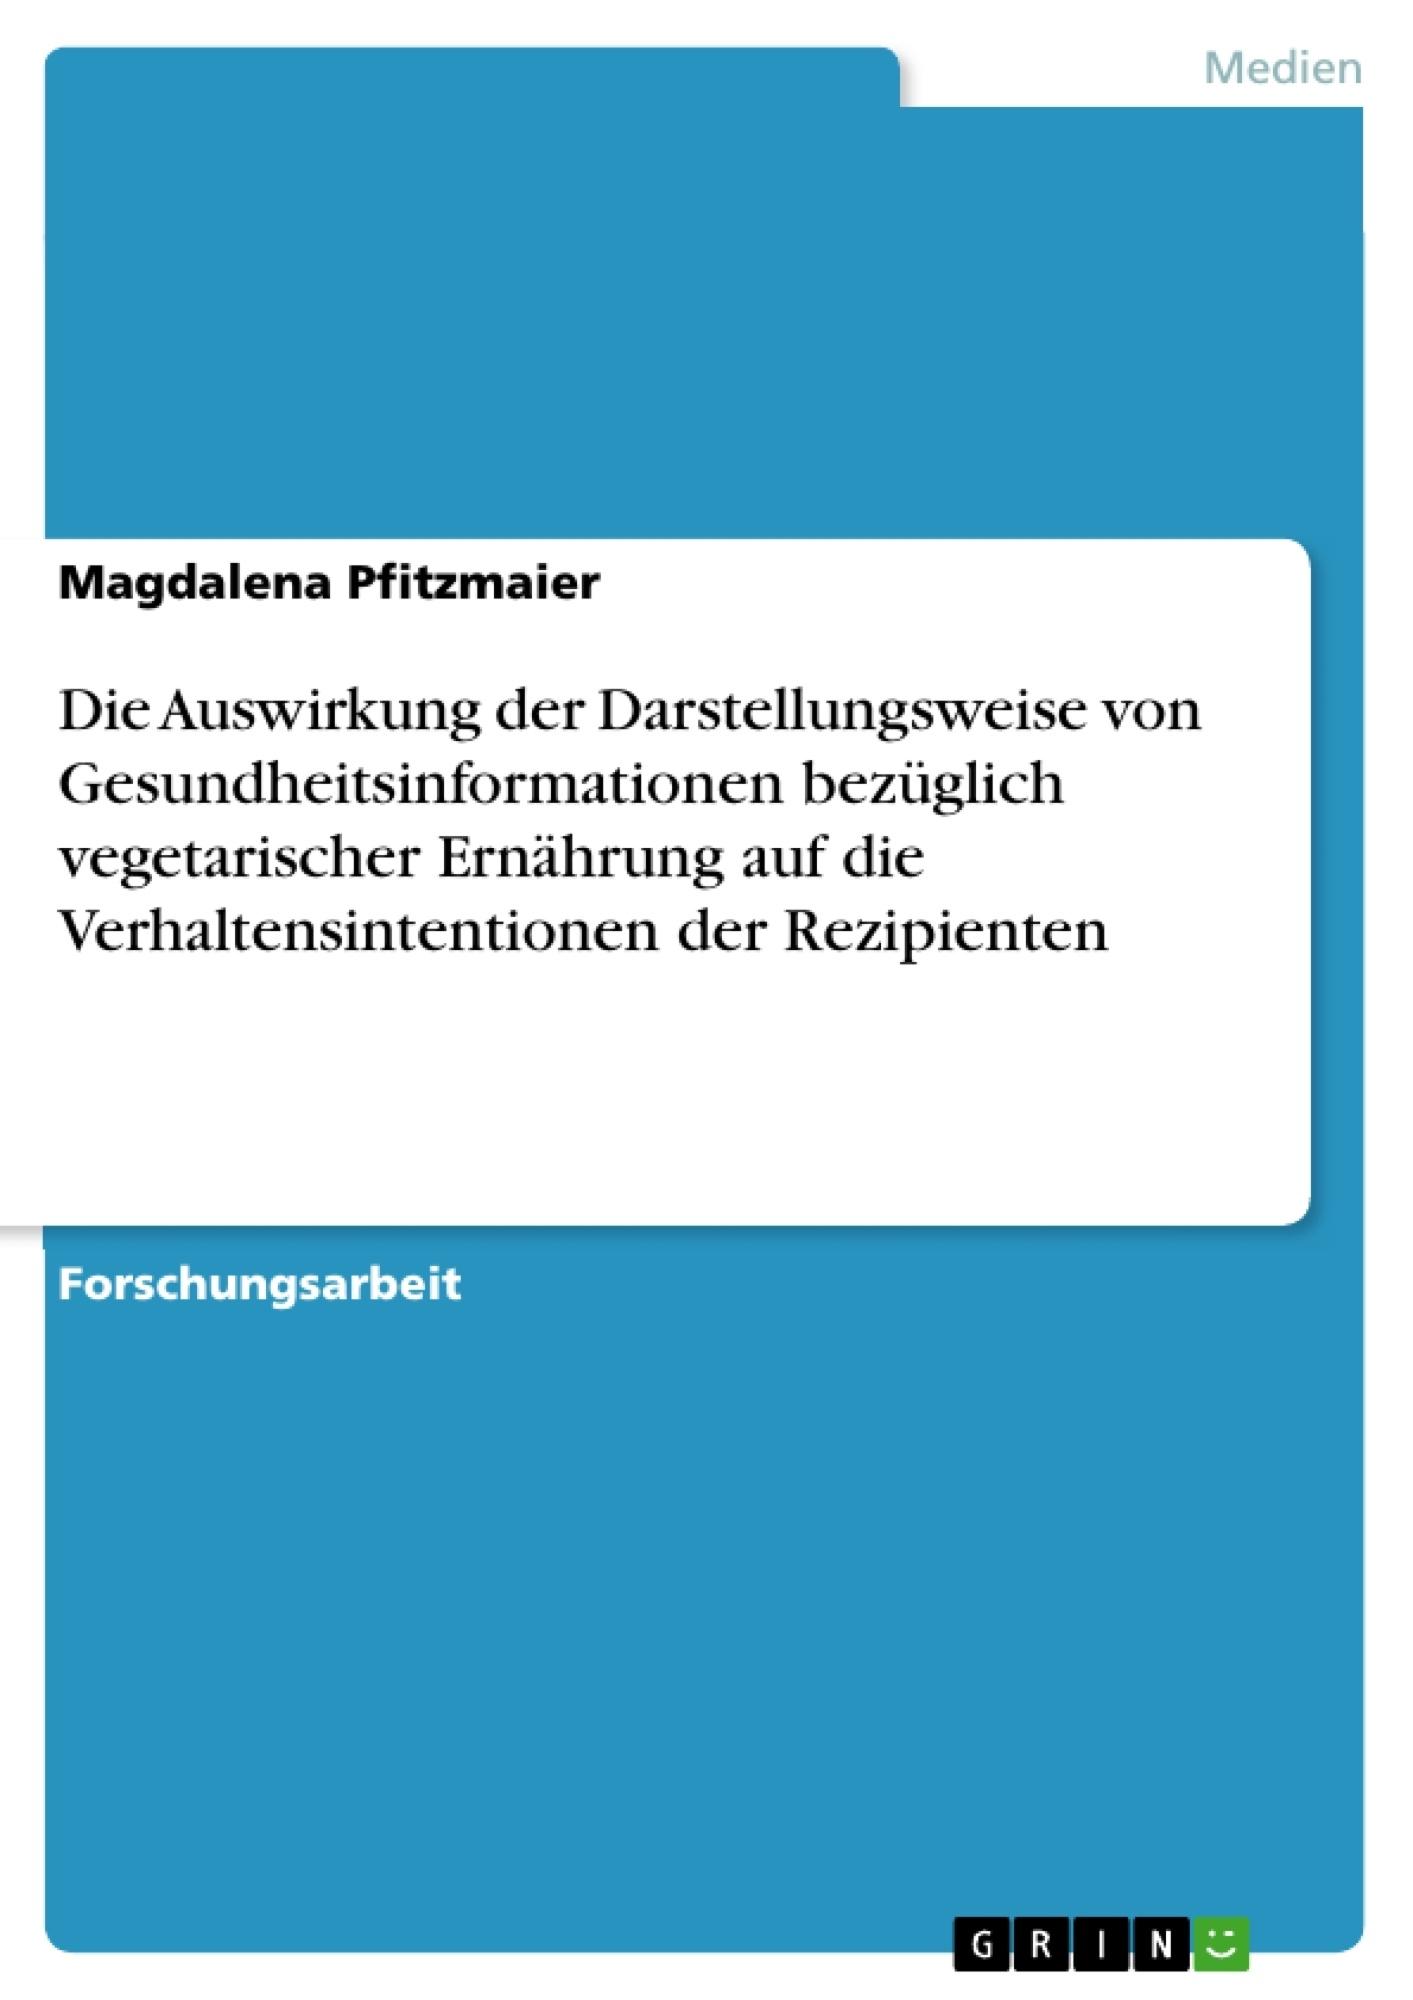 Titel: Die Auswirkung der Darstellungsweise von Gesundheitsinformationen bezüglich vegetarischer Ernährung auf die Verhaltensintentionen der Rezipienten